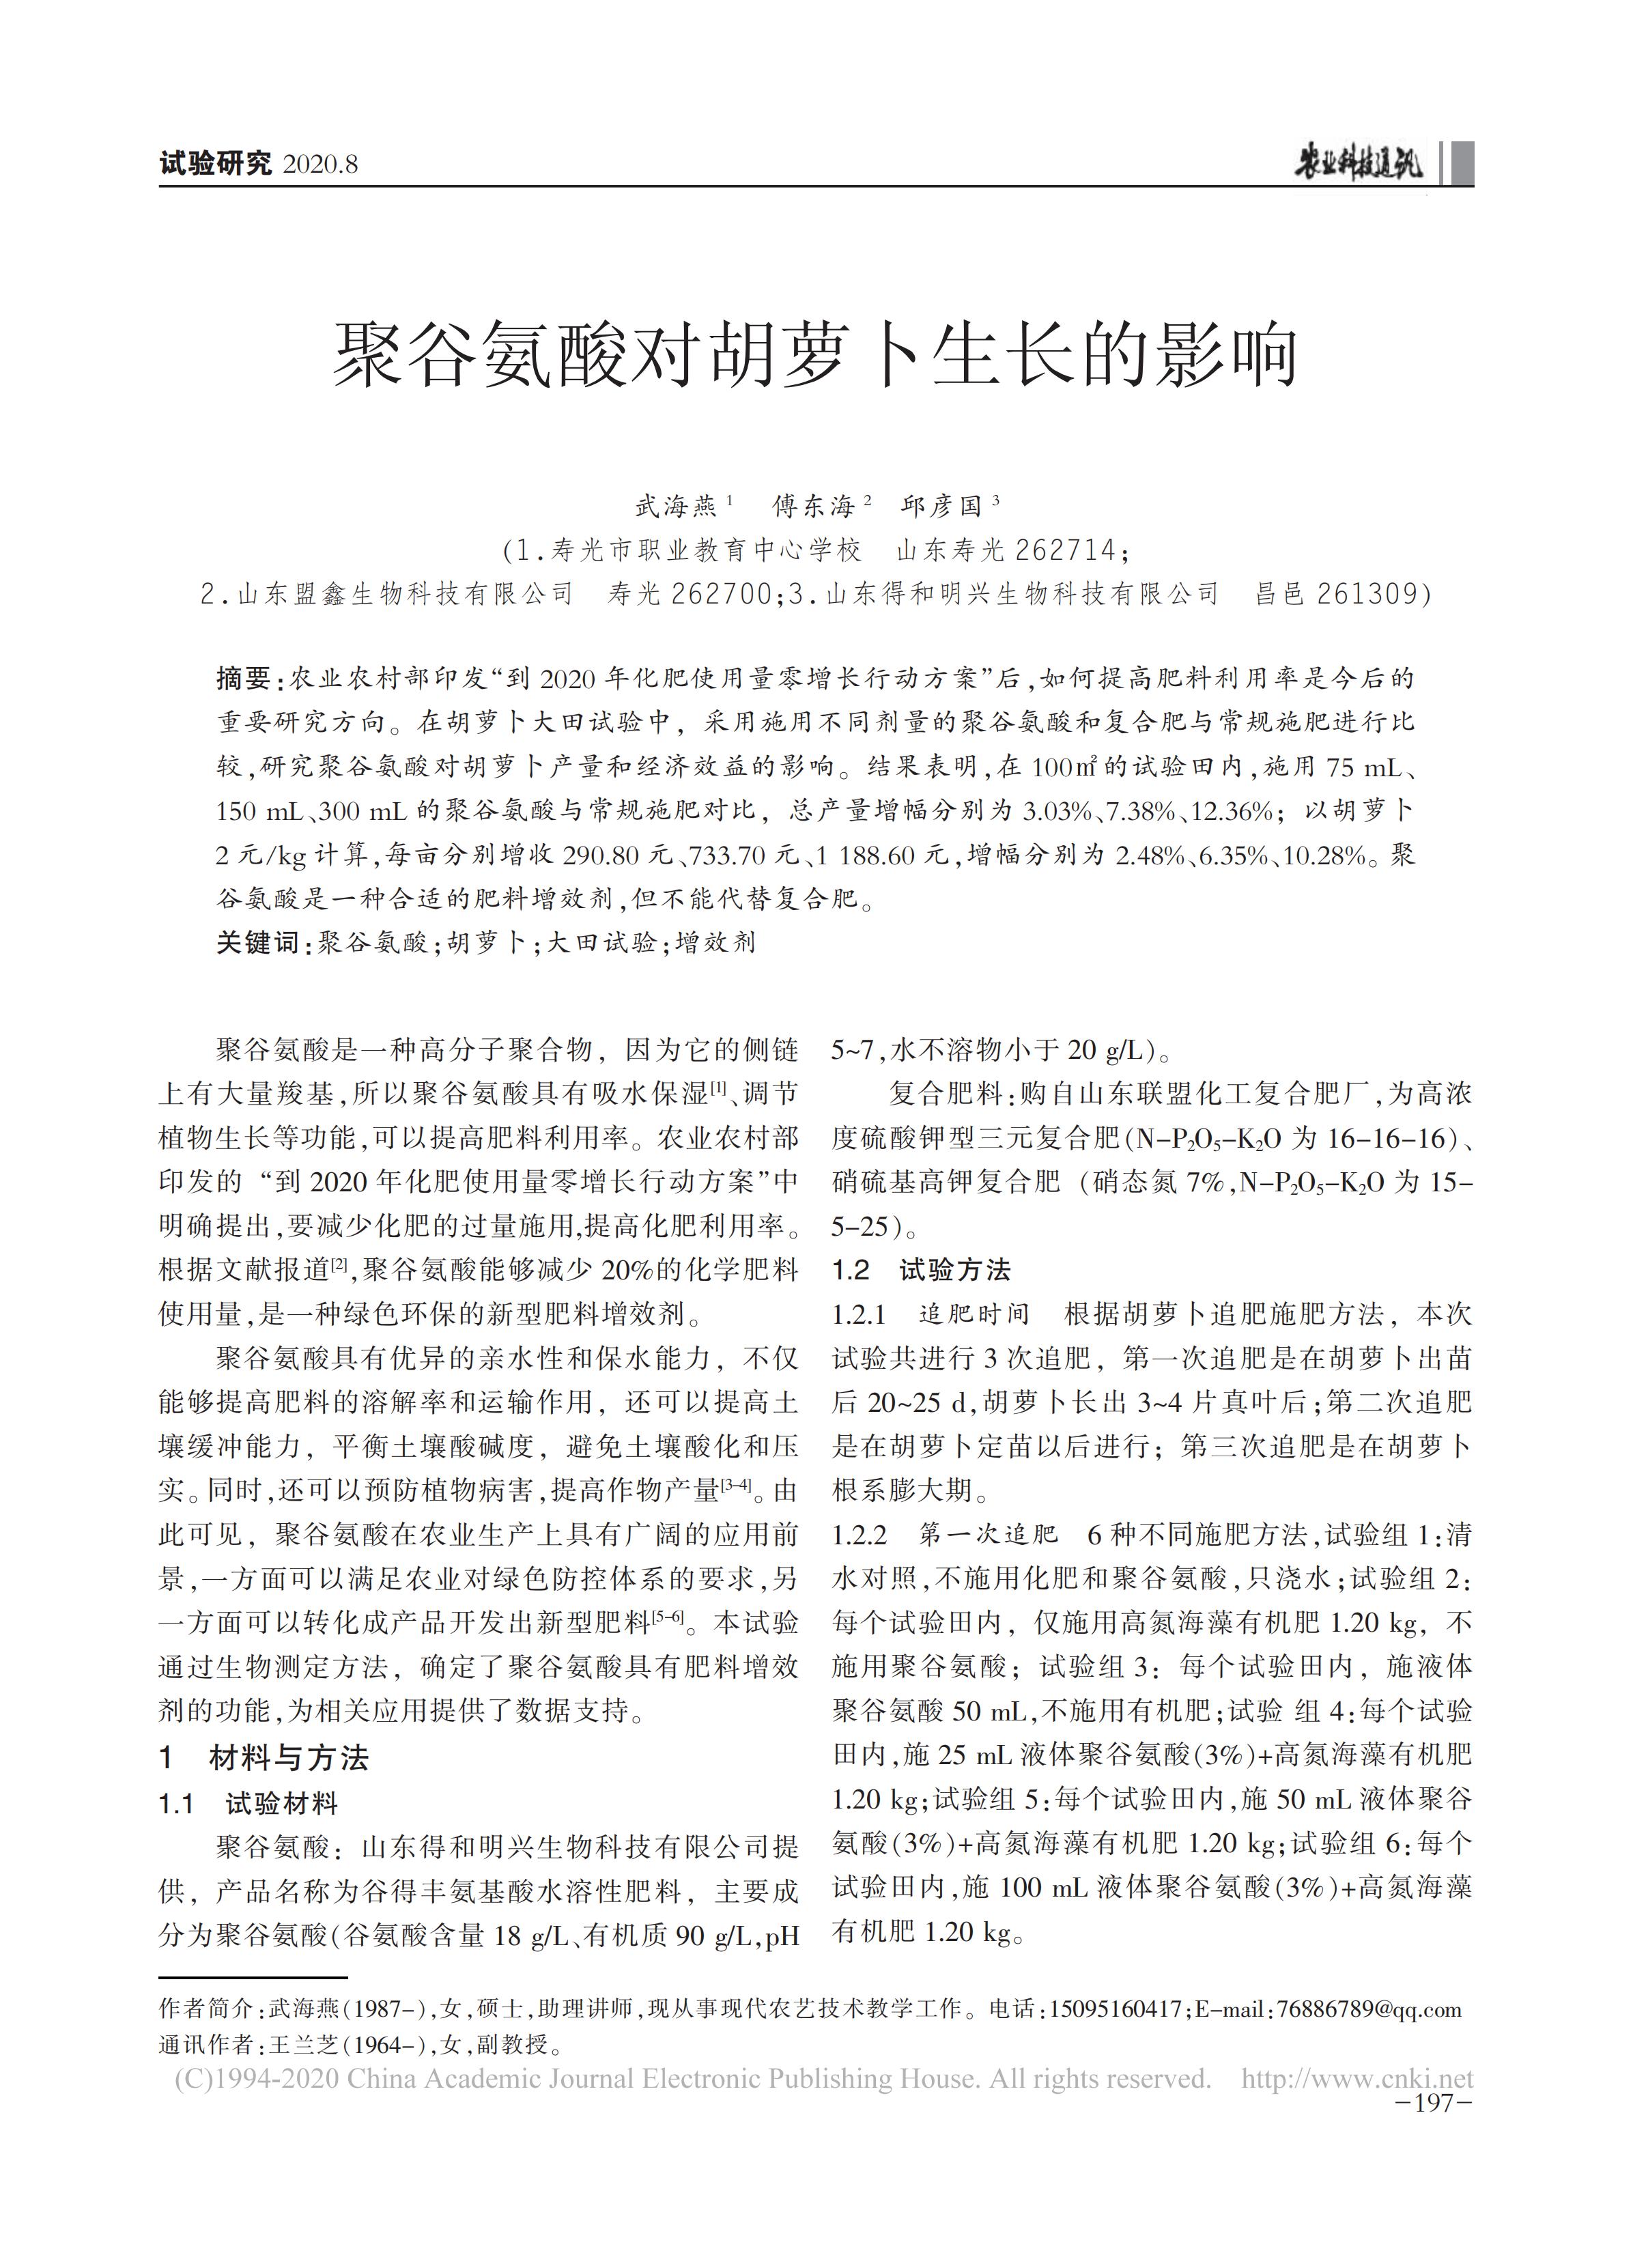 聚谷氨酸对胡萝卜生长的影响_武海燕_00.png